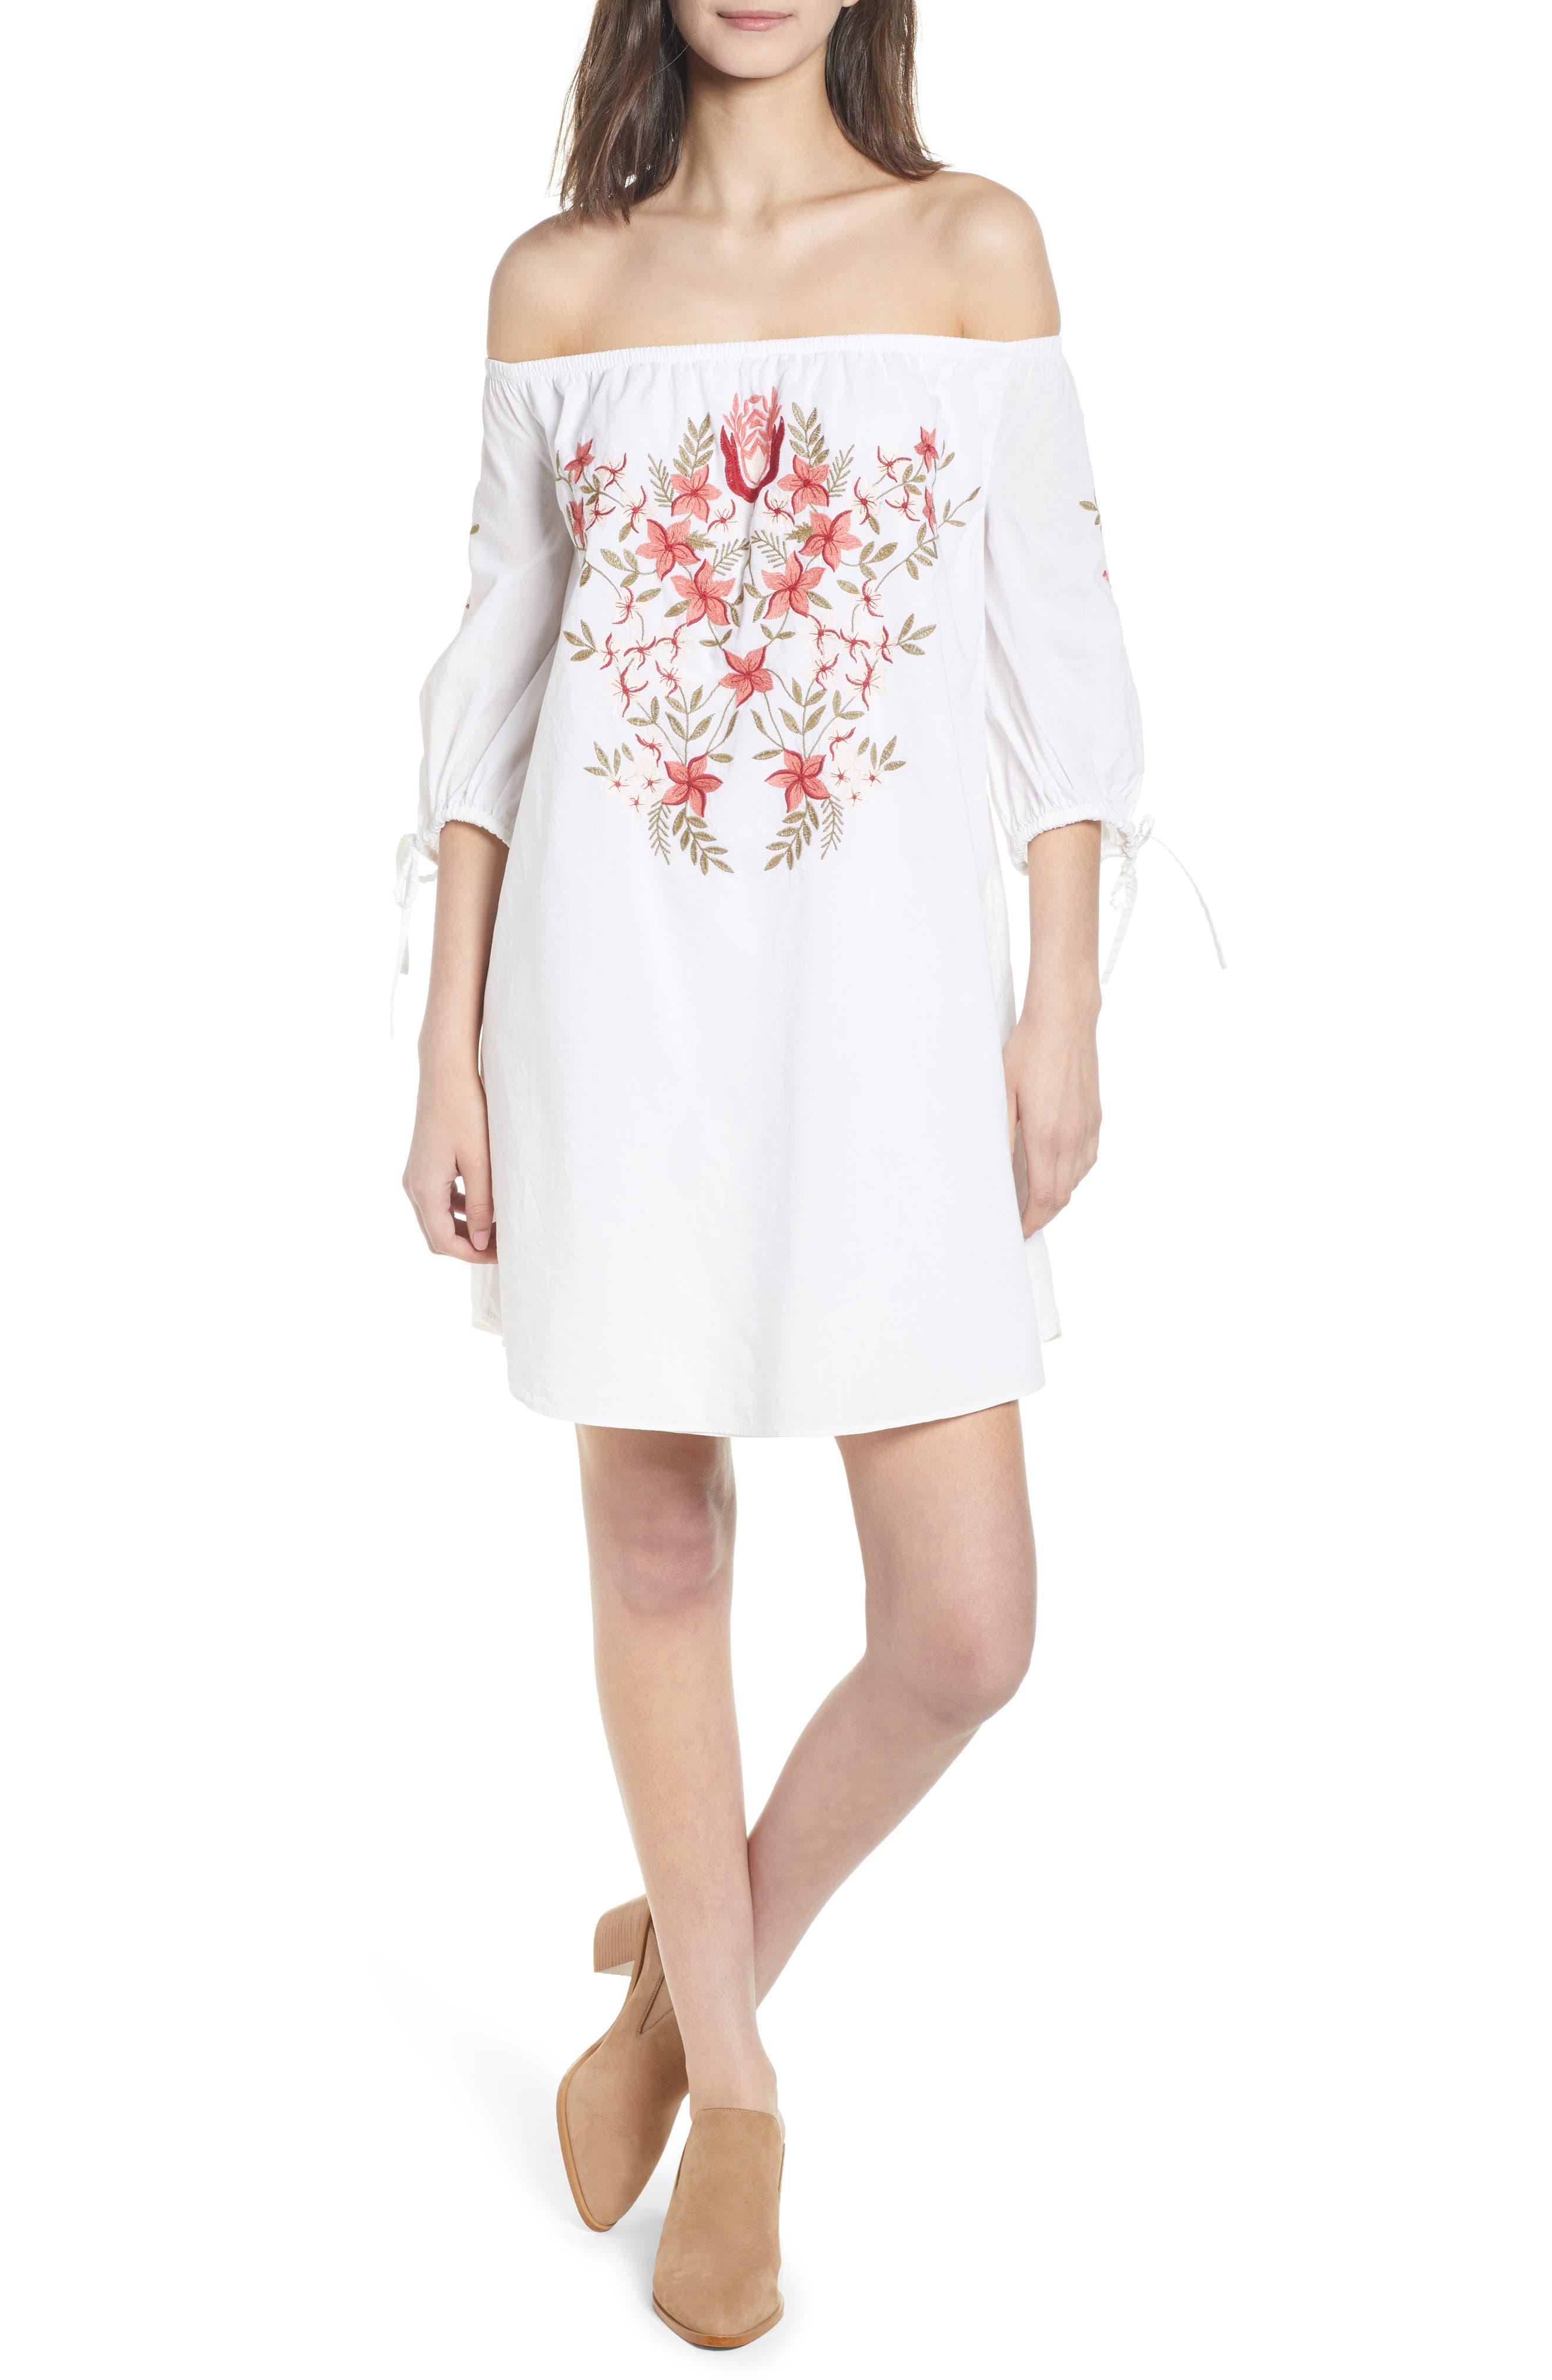 Hinge Embroidered Off the Shoulder Dress